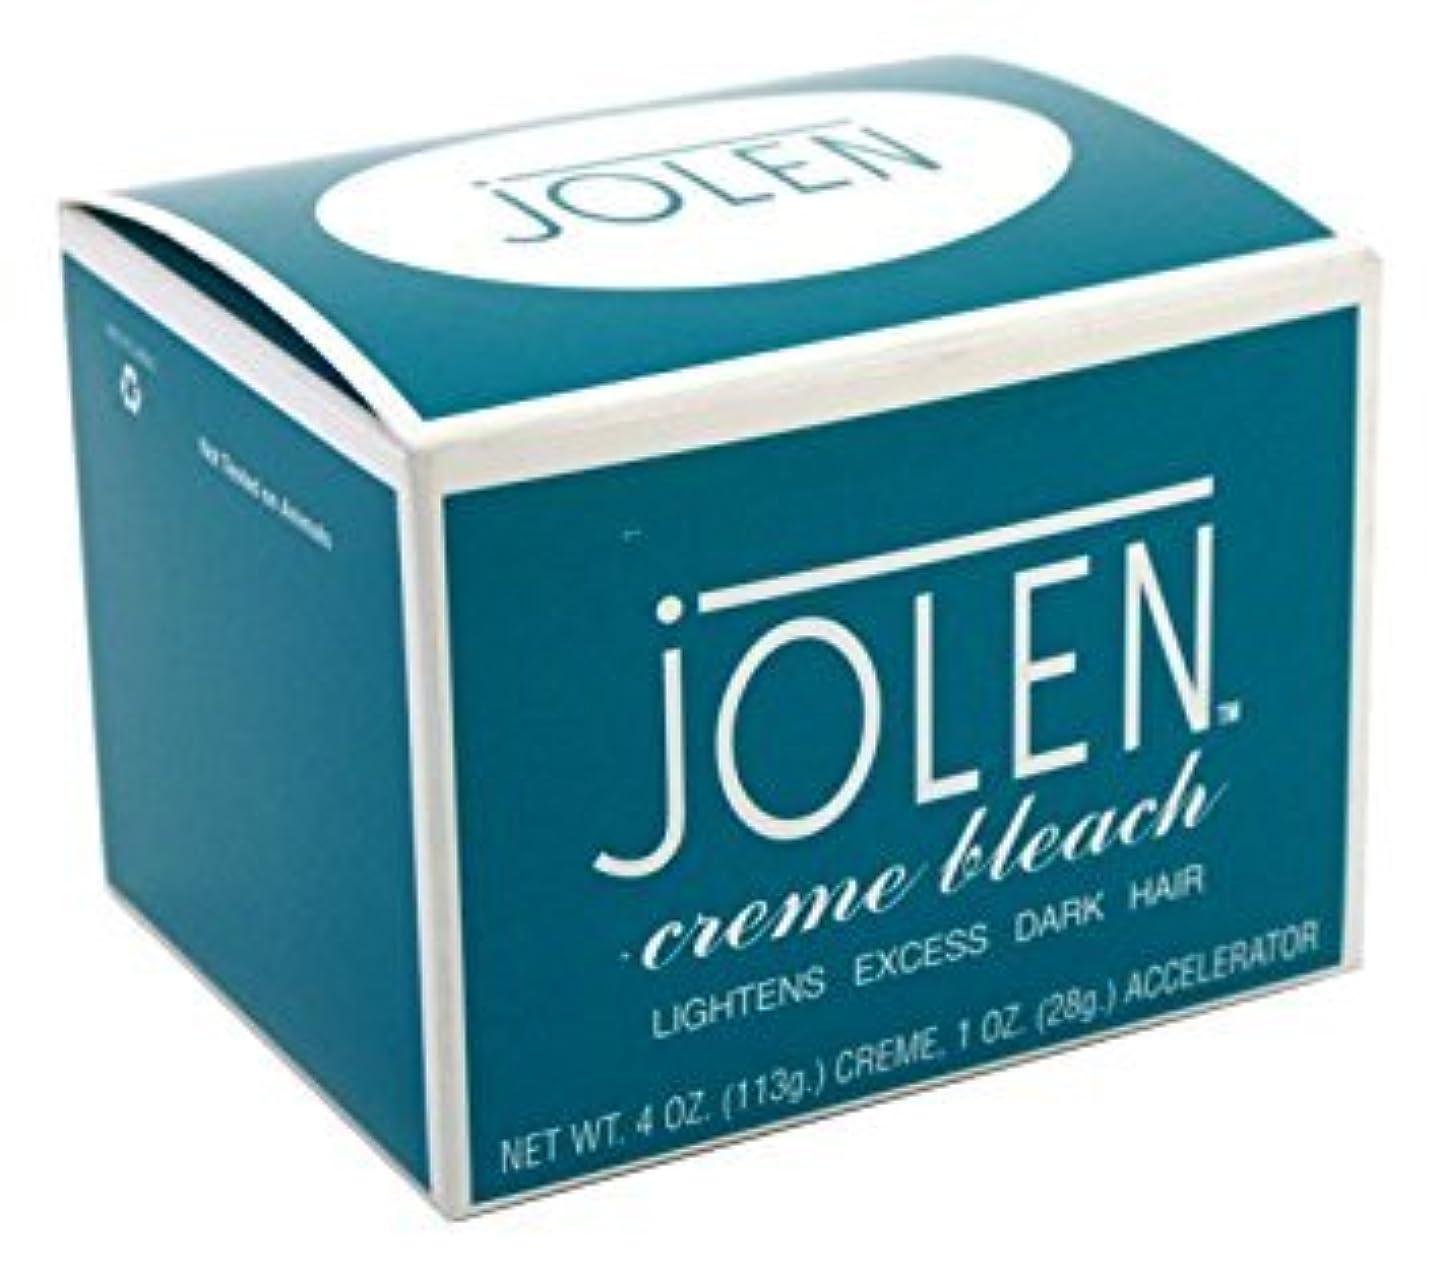 境界論理改修する箱つぶれ Jolen ジョレン 眉用ブリーチクリーム  レギュラー 大きなサイズ 4オンス [並行輸入品]